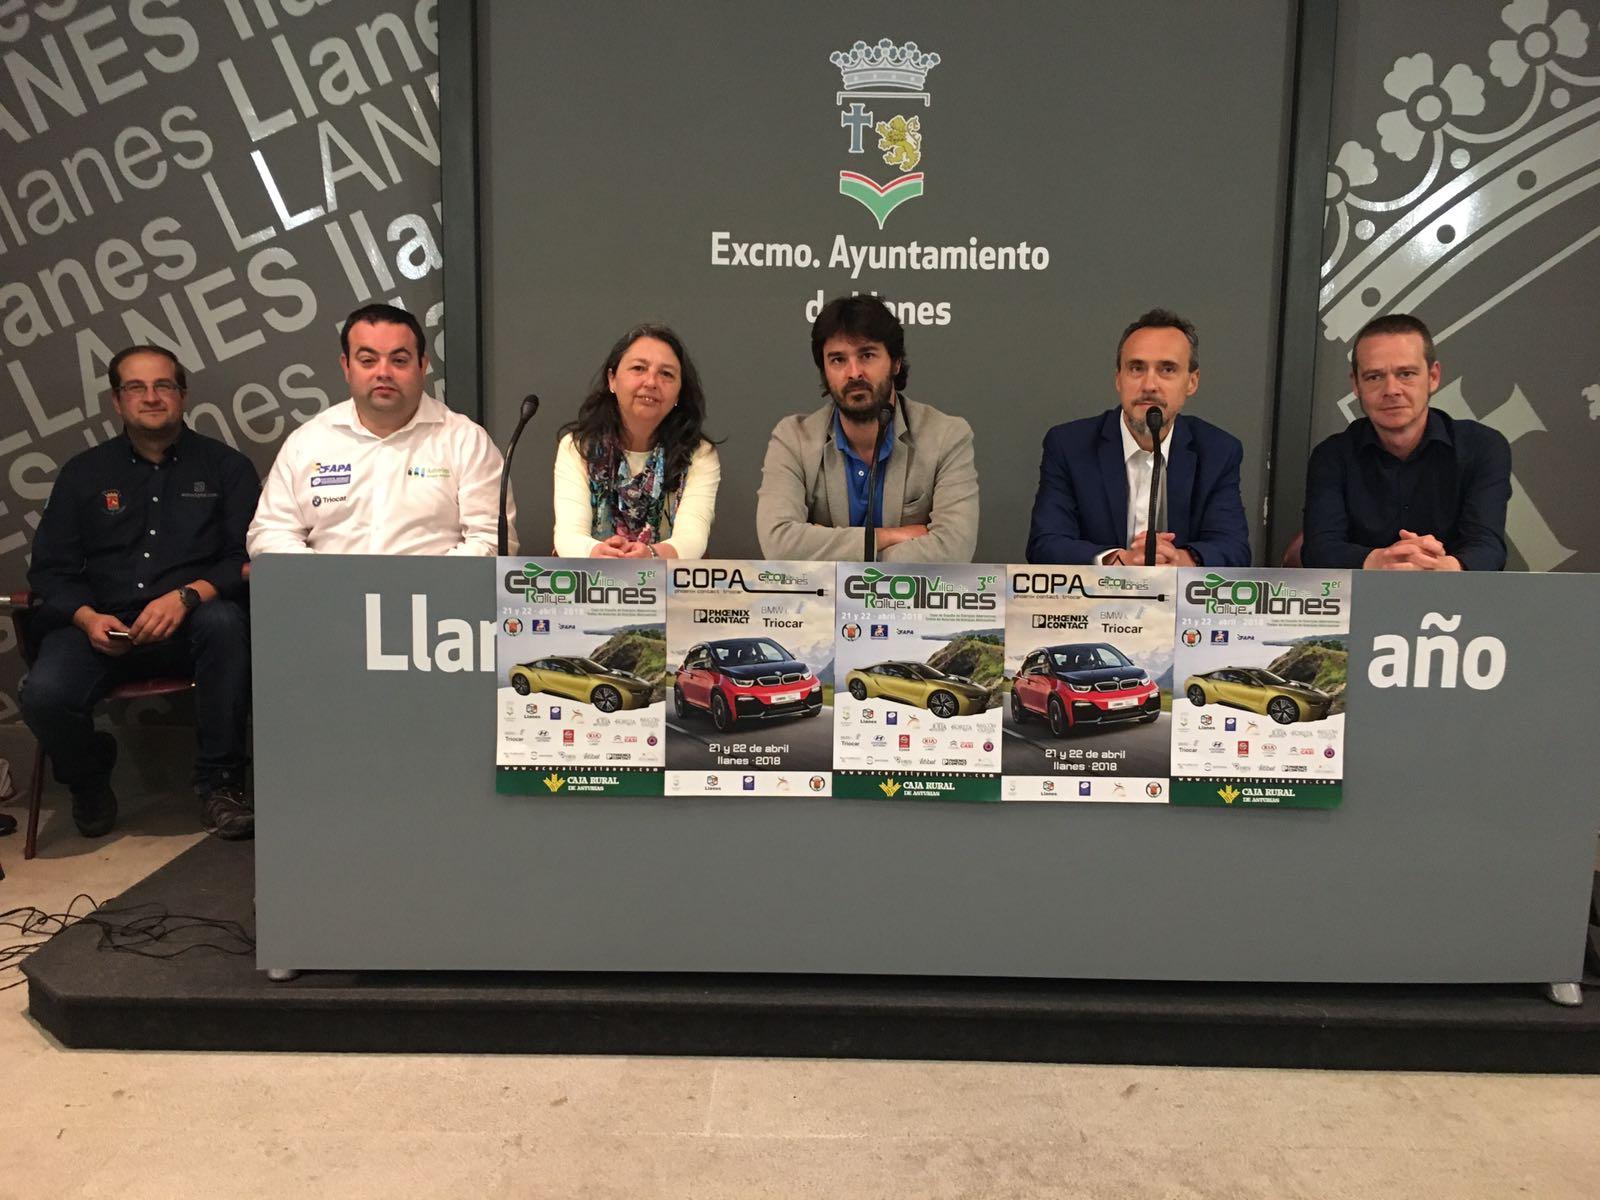 Eco Rallye Villa de Llanes 2018